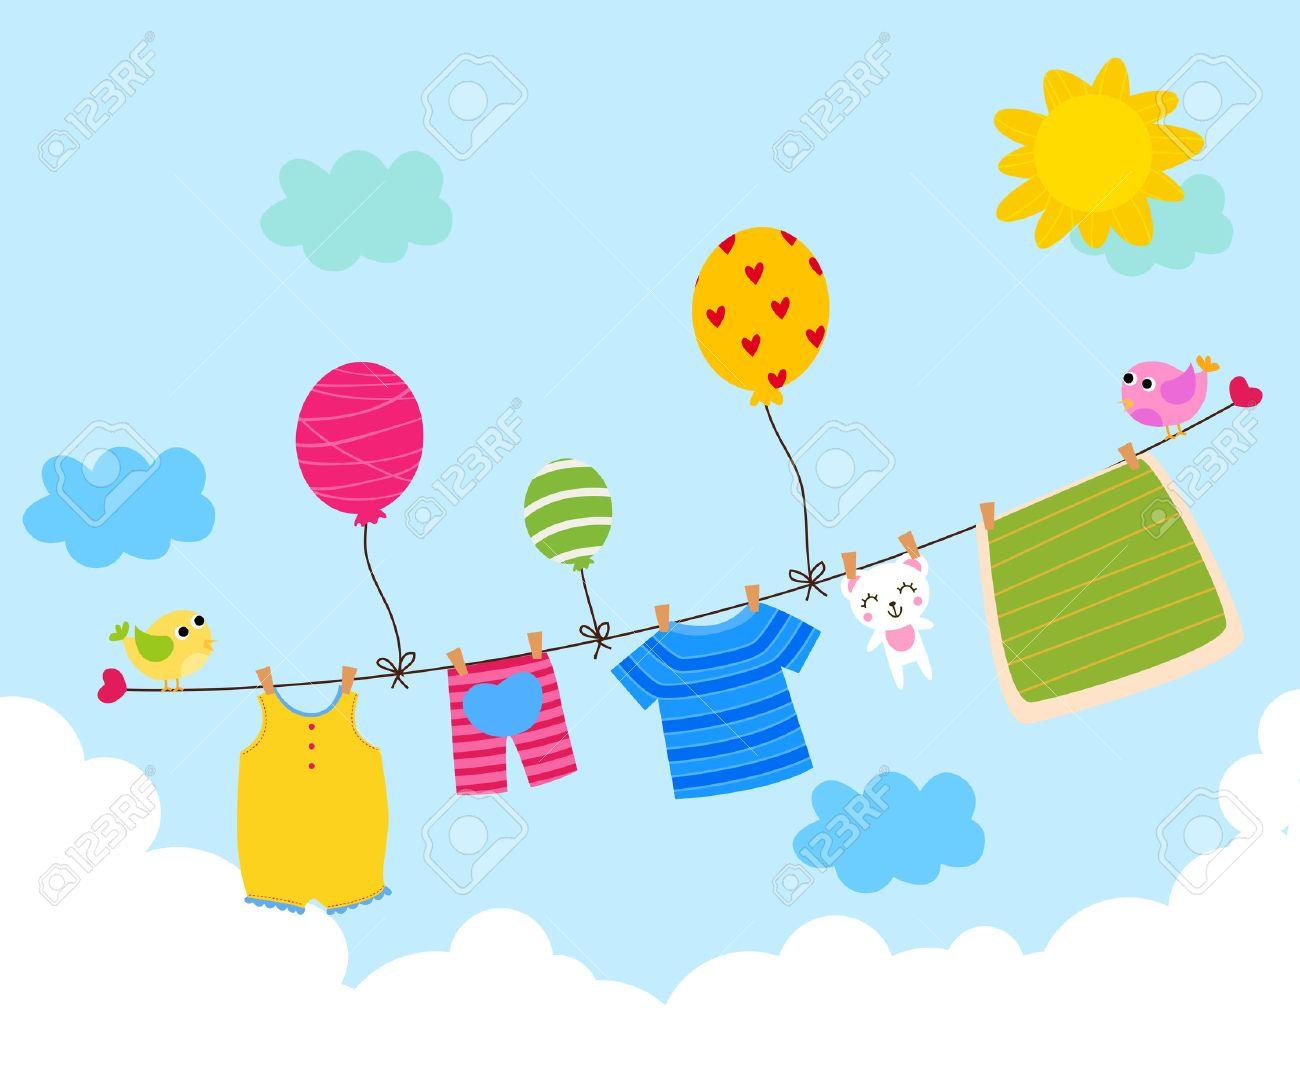 Kinderkleidung auf wäscheleine  Baby-Kleider Hängen An Der Wäscheleine Lizenzfrei Nutzbare ...